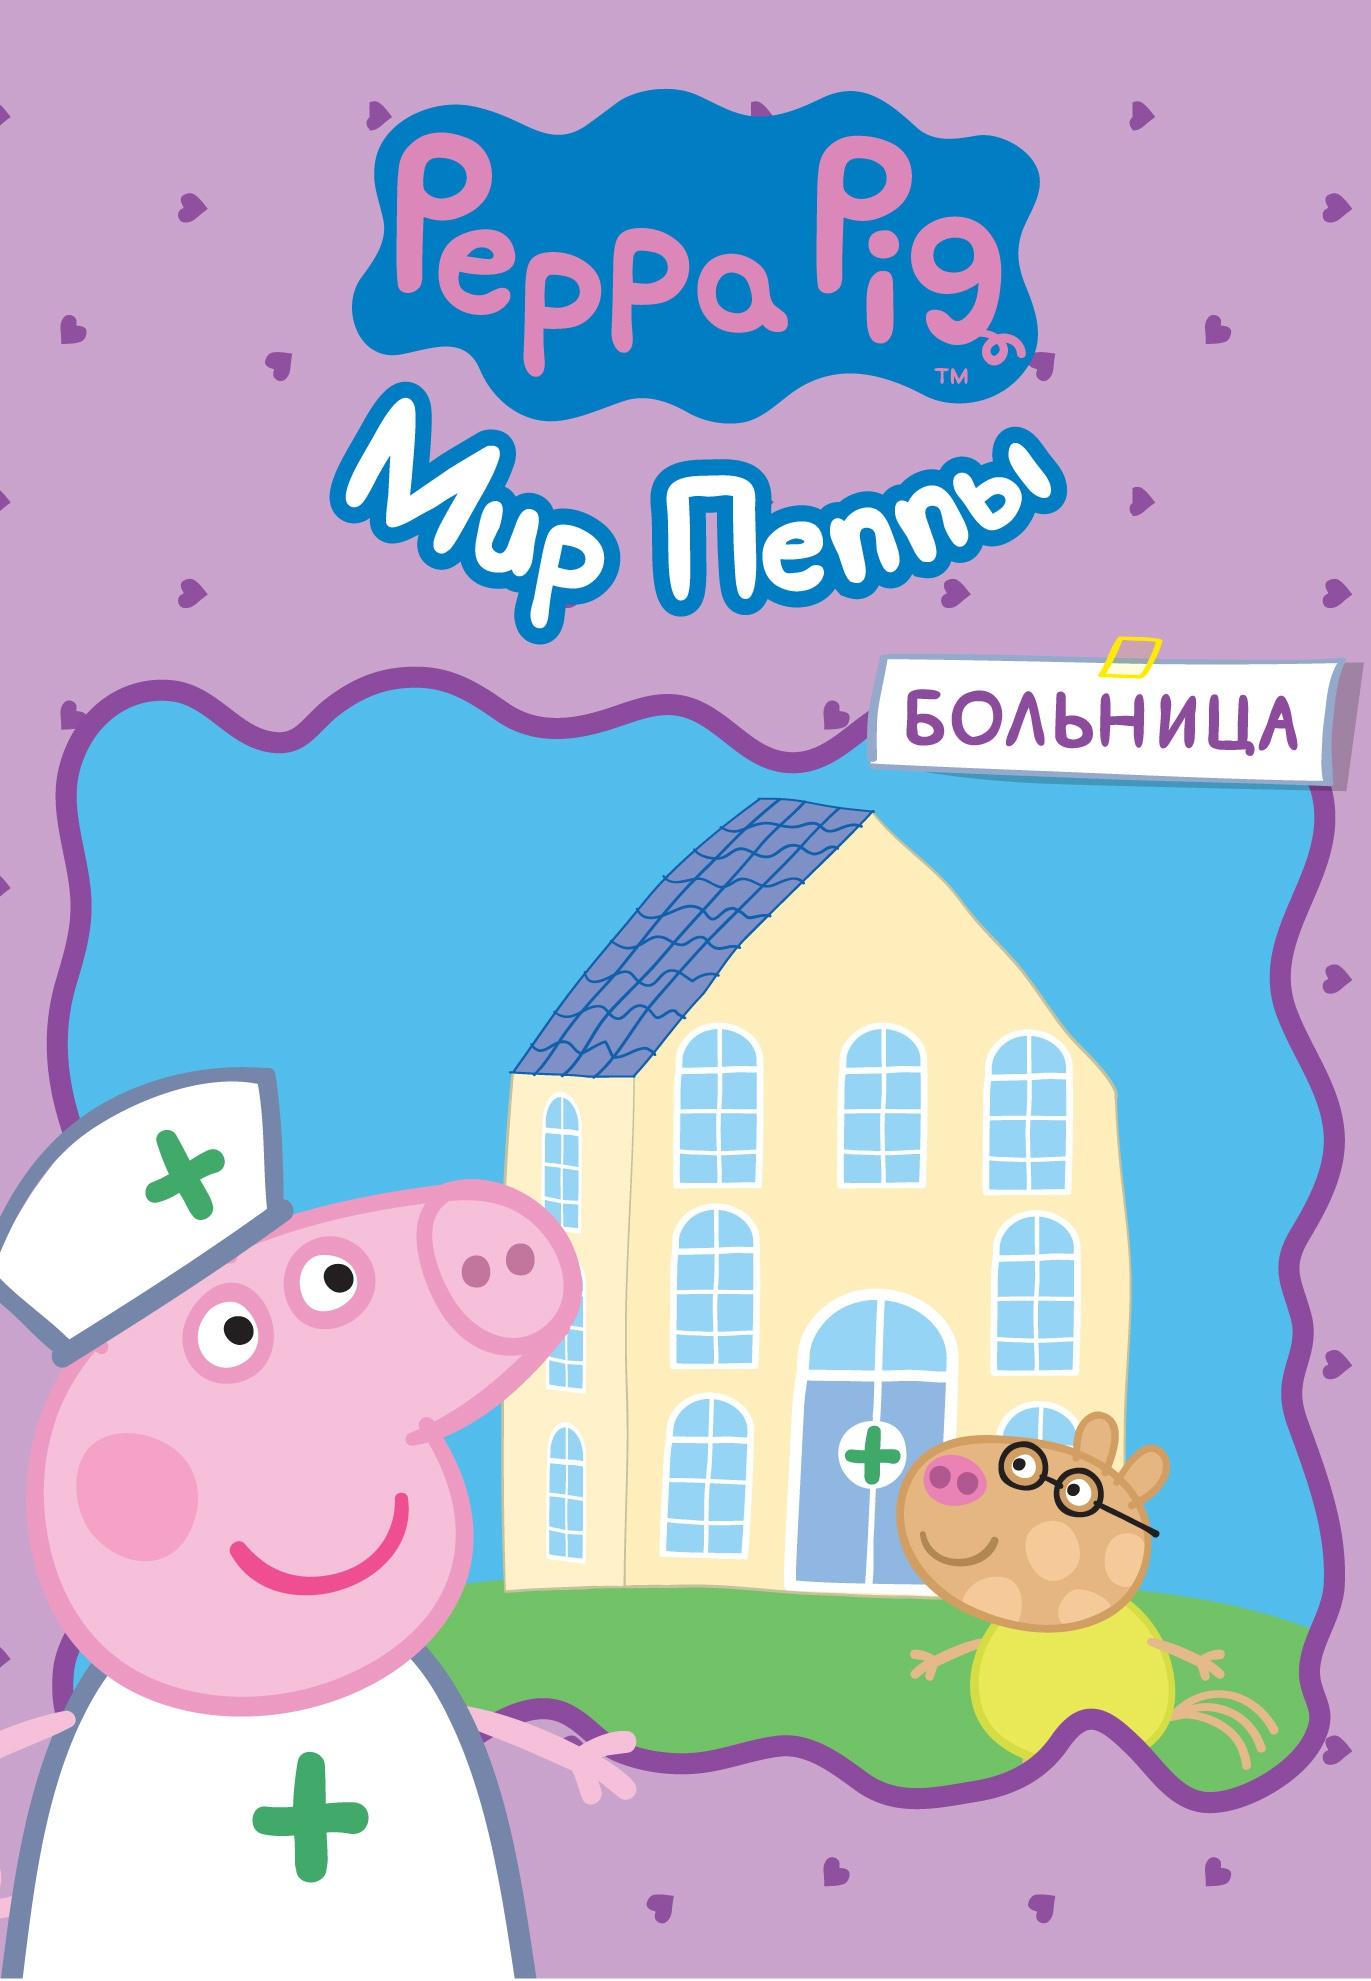 Peppa Pig Игровой набор   «Мир Пеппы»